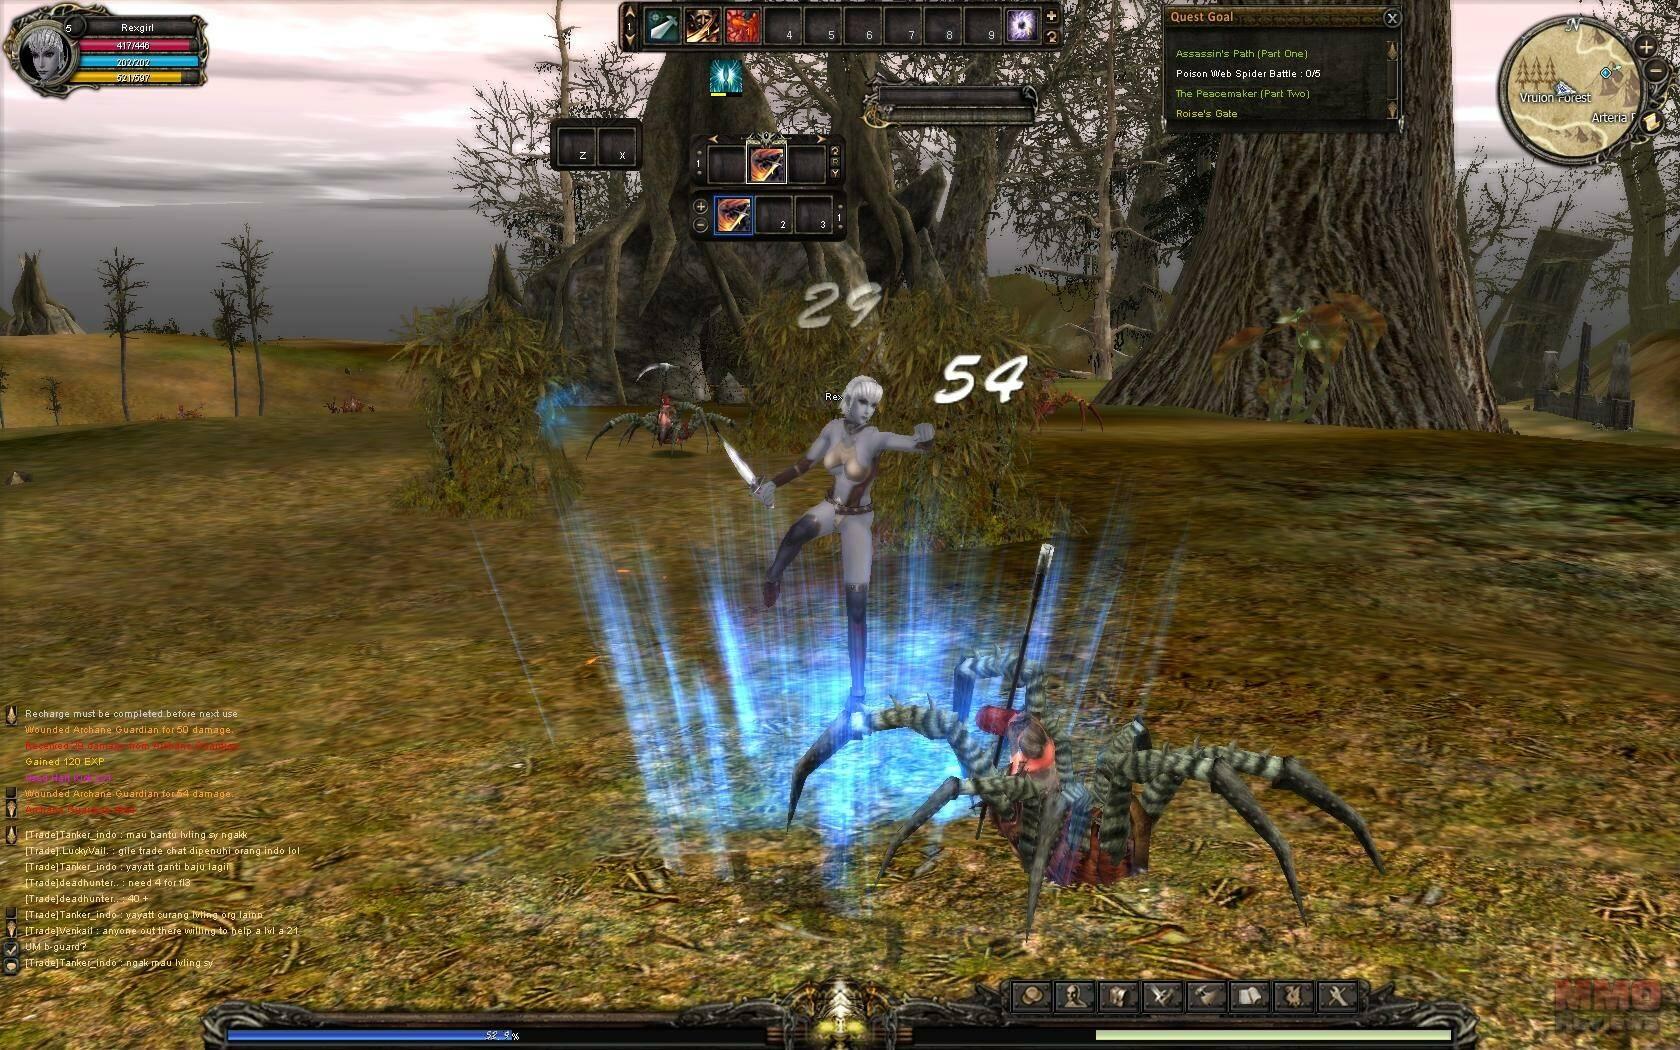 Shaiya Phoenix Reviews - Shaiya Phoenix MMORPG - Shaiya Phoenix Game